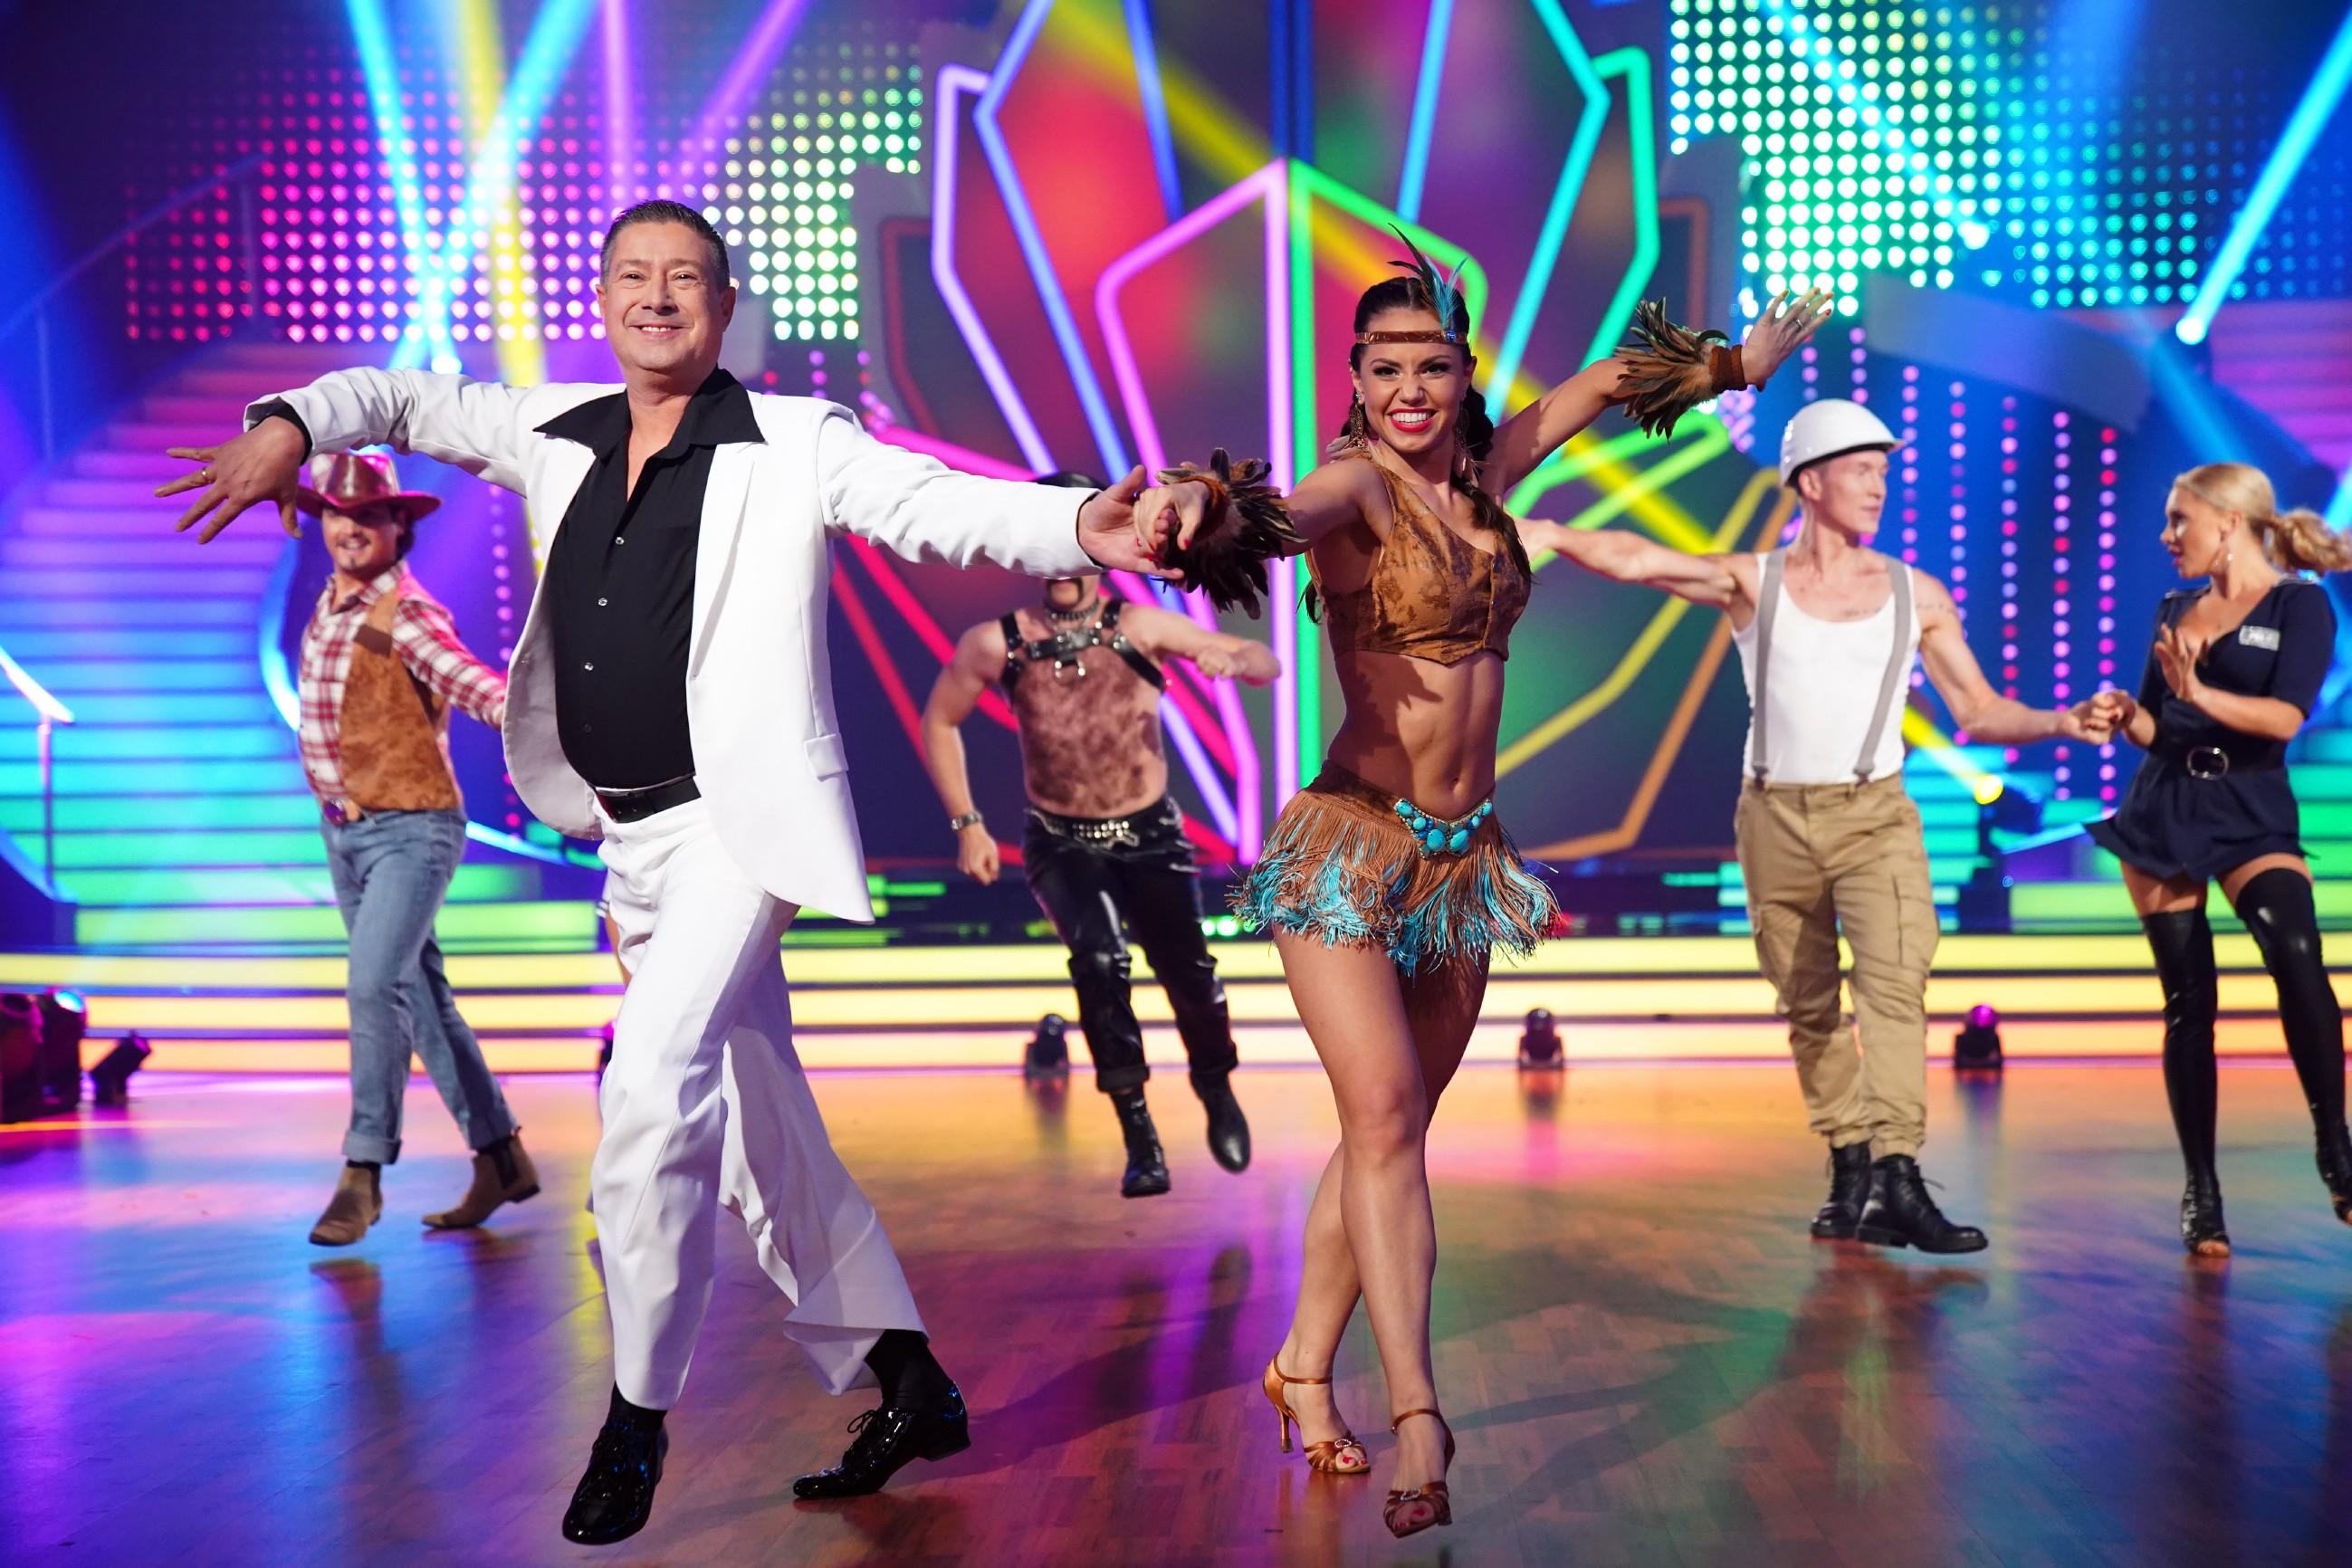 """Das """"Team Joachim Llambi"""" mit Sabrina Mockenhaupt, Evelyn Burdecki und Oliver Pocher mit ihren Tanzpartnern."""